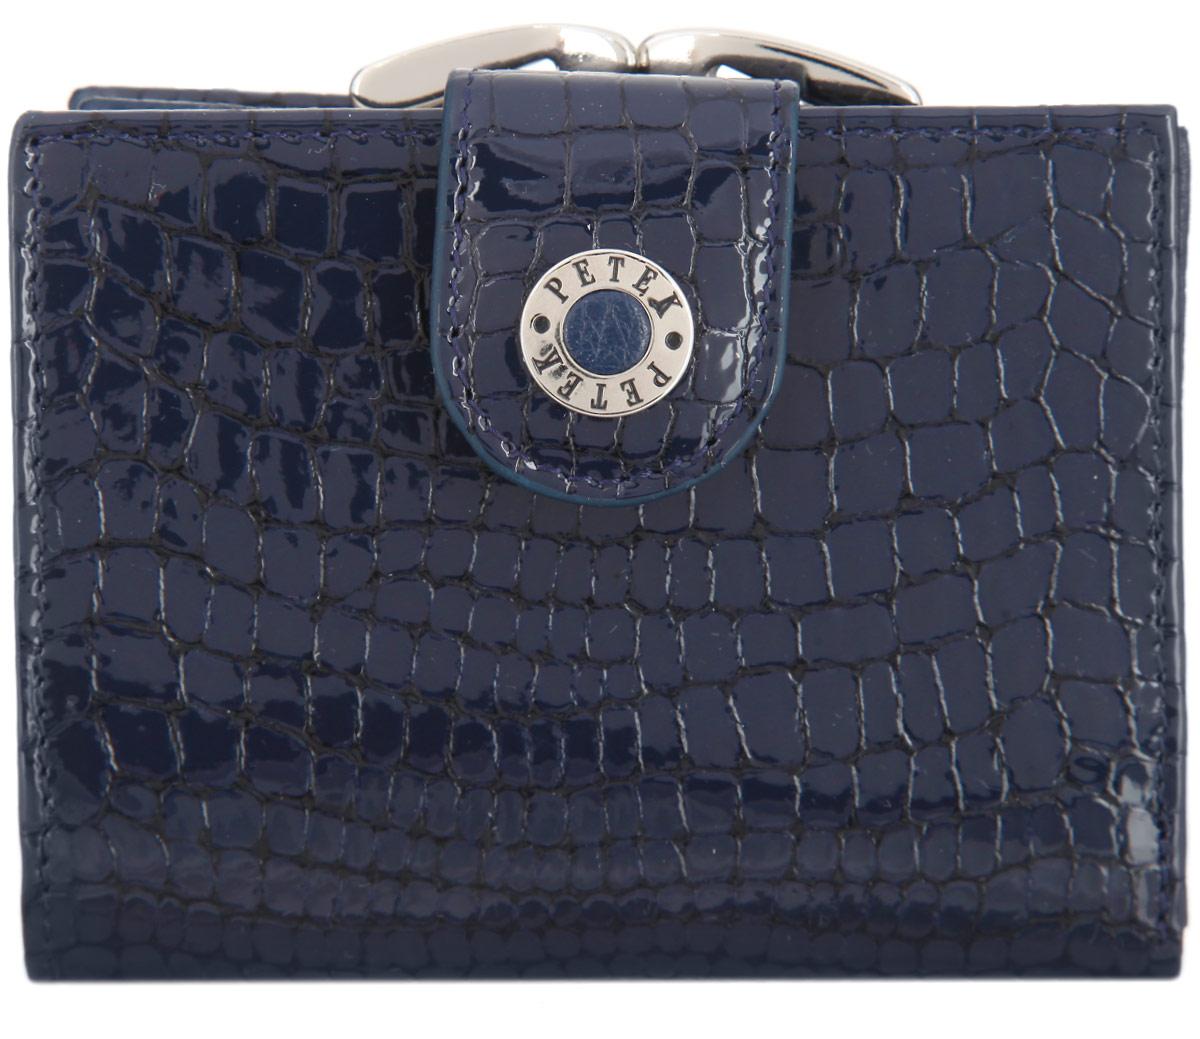 Портмоне женское Petek 1855, цвет: темно-синий. 336/1.091.081-022_516Стильное портмоне Petek 1855 изготовлено из натуральной лакированной кожи с тиснением под крокодила. Портмоне закрывается на хлястик с кнопкой.Внутри находятся два отделения для купюр, шесть кармашков для визиток и пластиковых карт, один из которых с сетчатым окошечком, четыре боковых кармана и карман для мелочи, закрывающийся на защелку. Портмоне упаковано в фирменную коробку.Такое портмоне станет замечательным подарком человеку, ценящему качественные и практичные вещи.